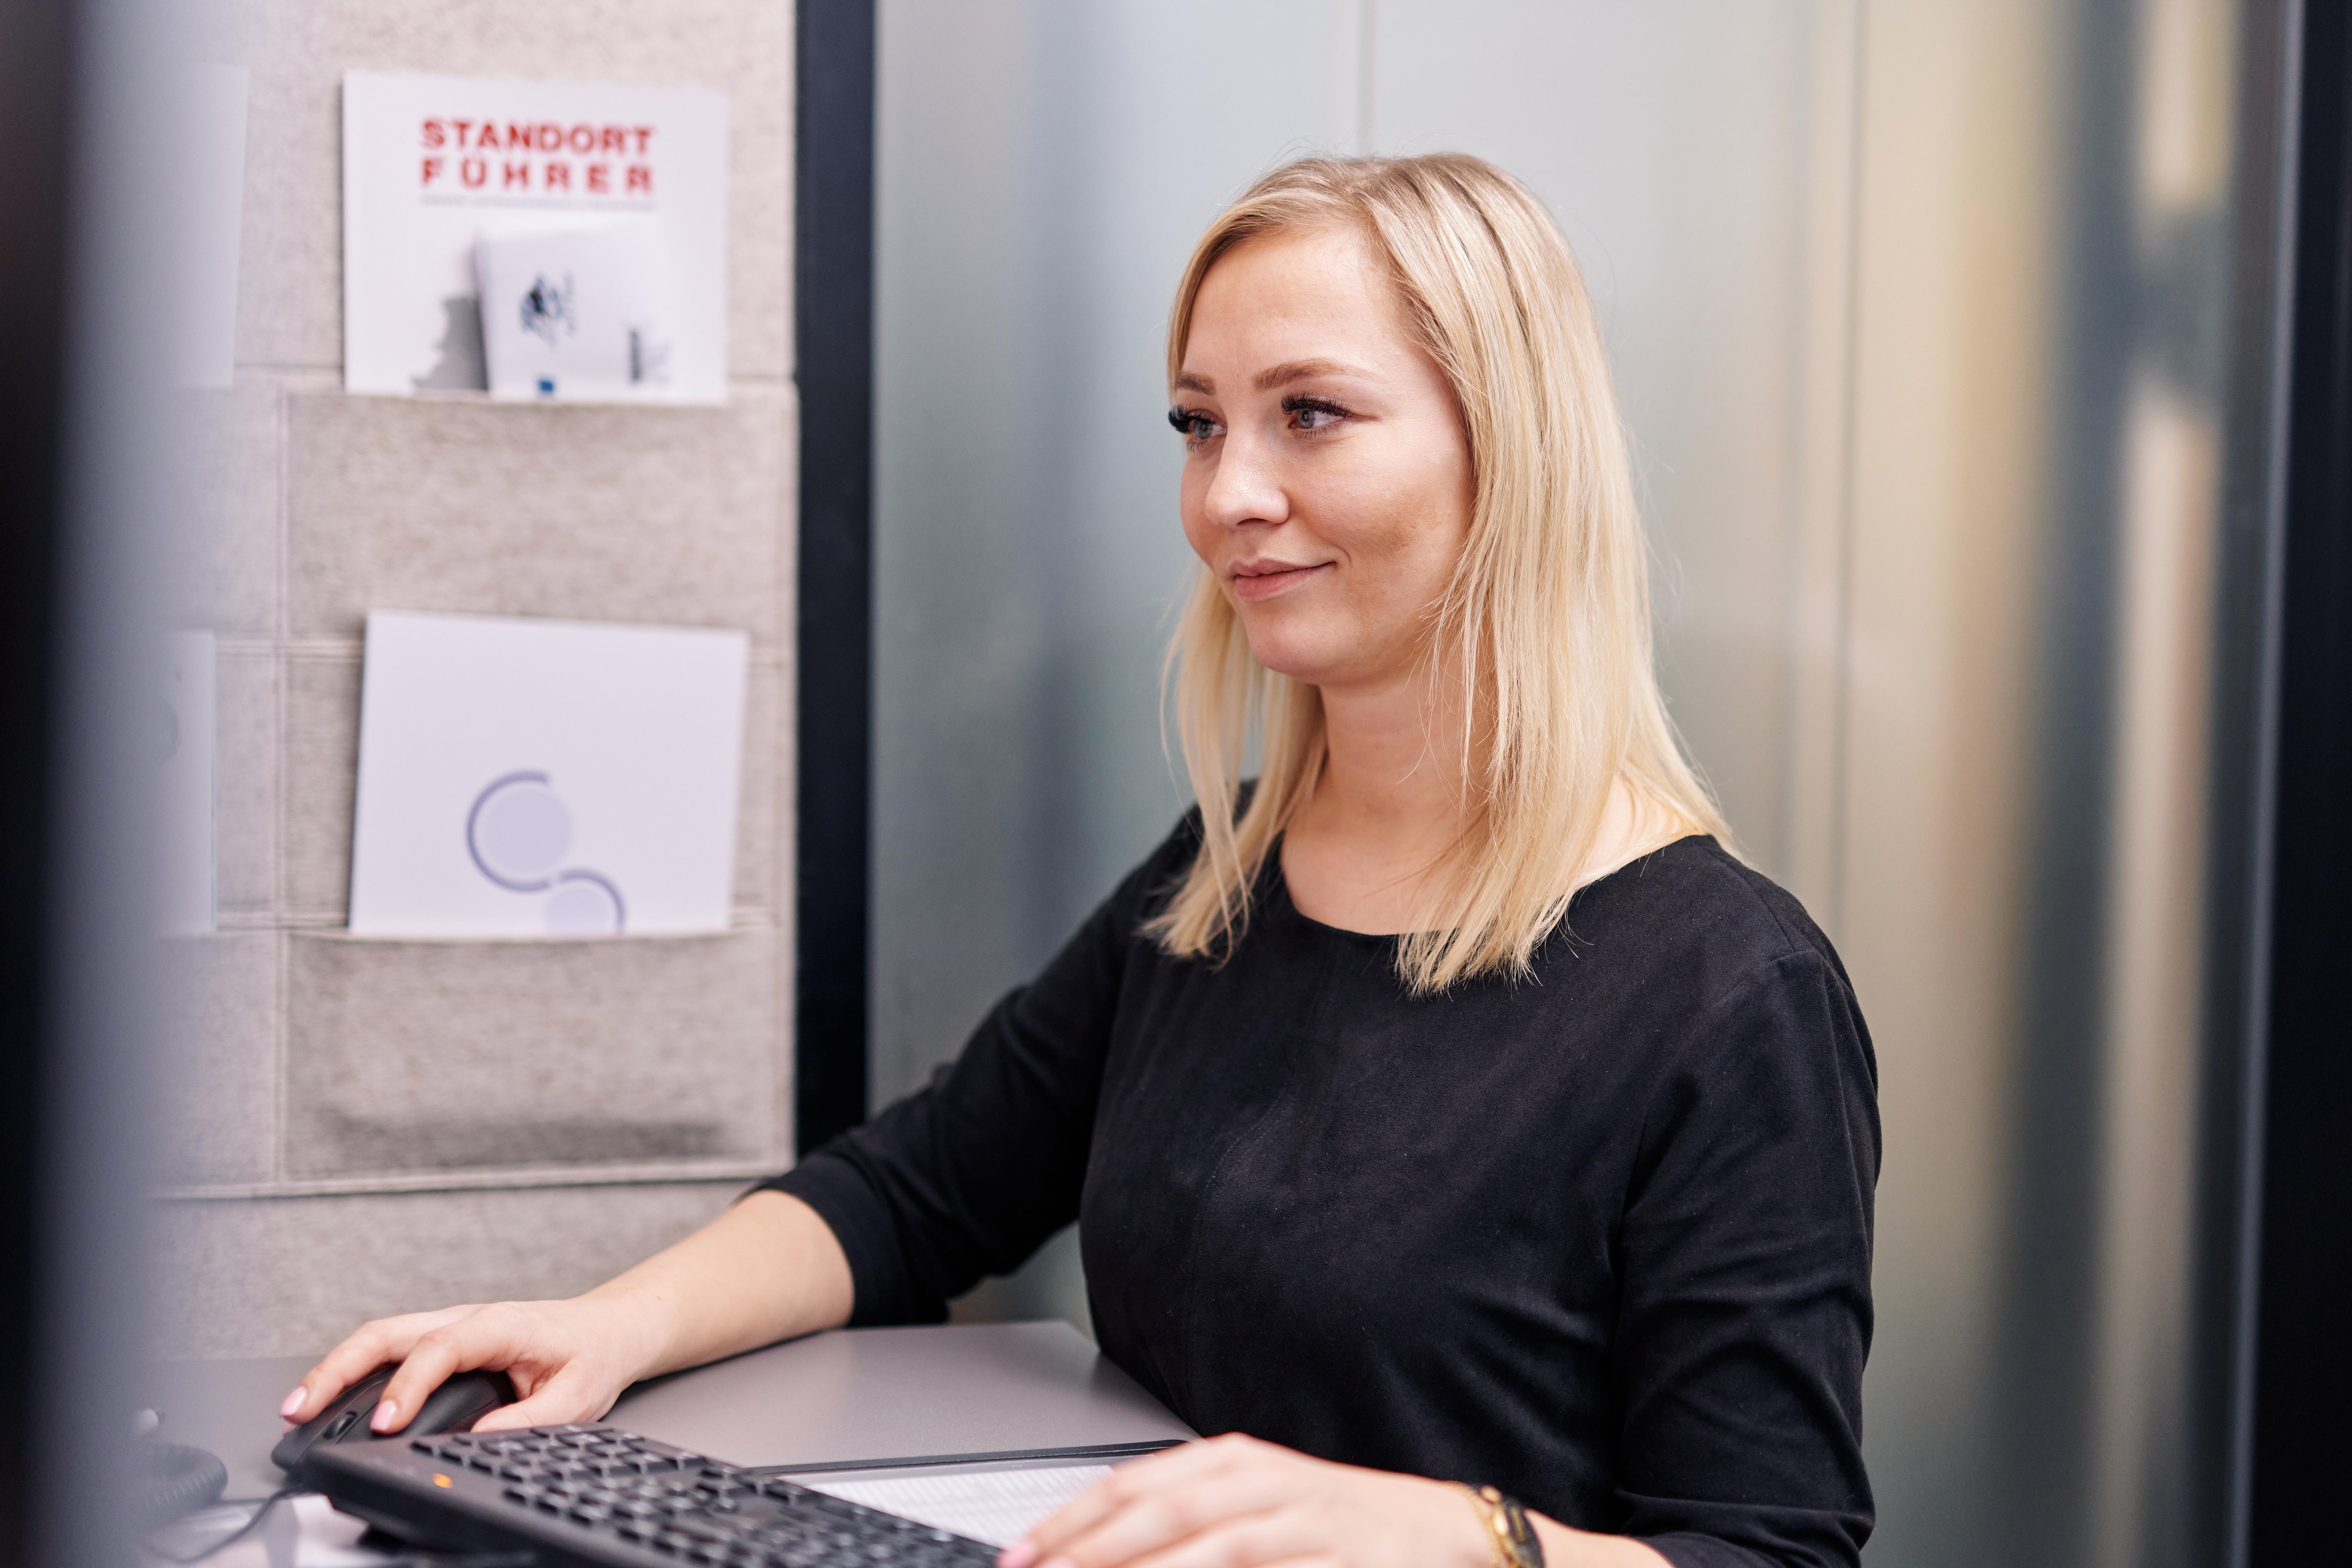 Ihre administrative Stärke stellt Assistentin Sara de Lange tagtäglich unter Beweis.